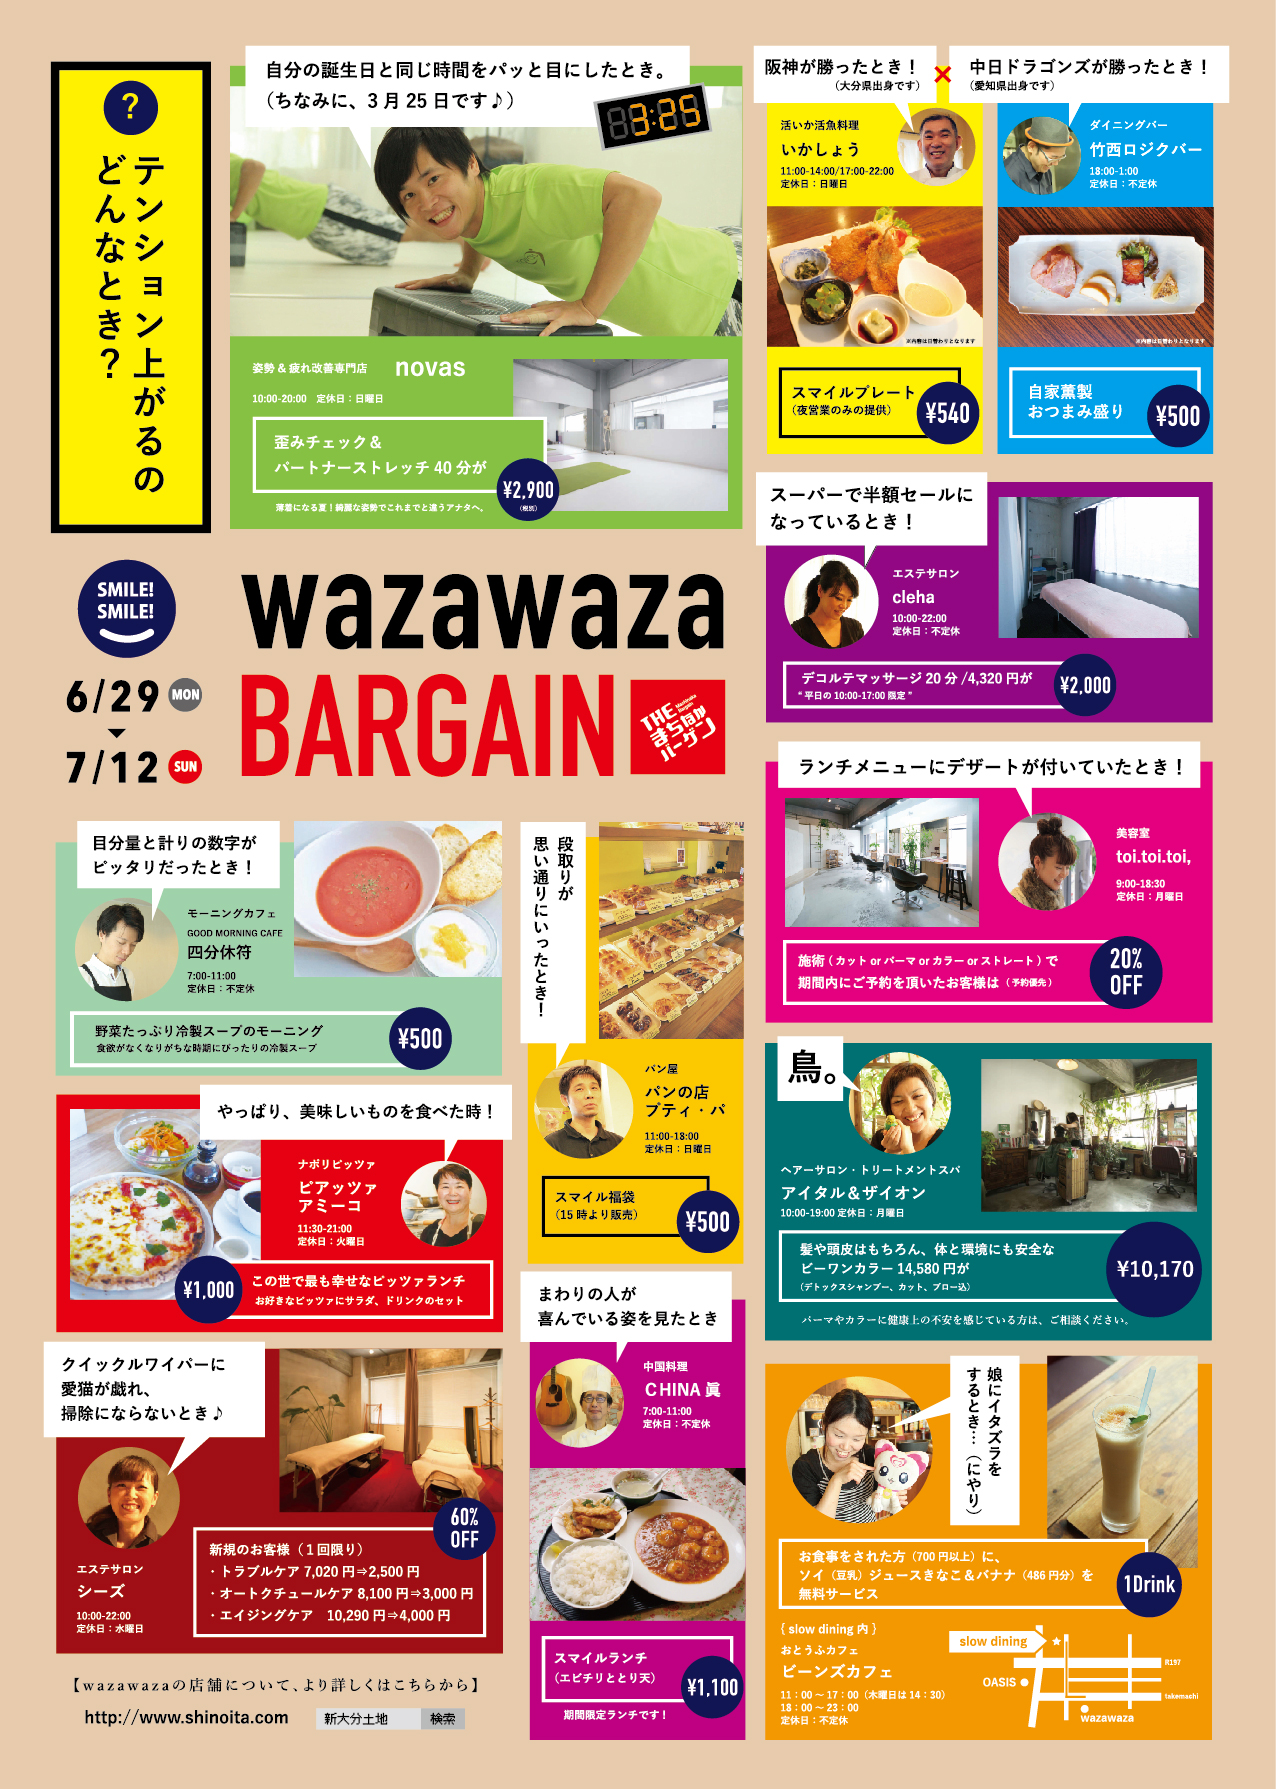 wazawaza_bargain_201506